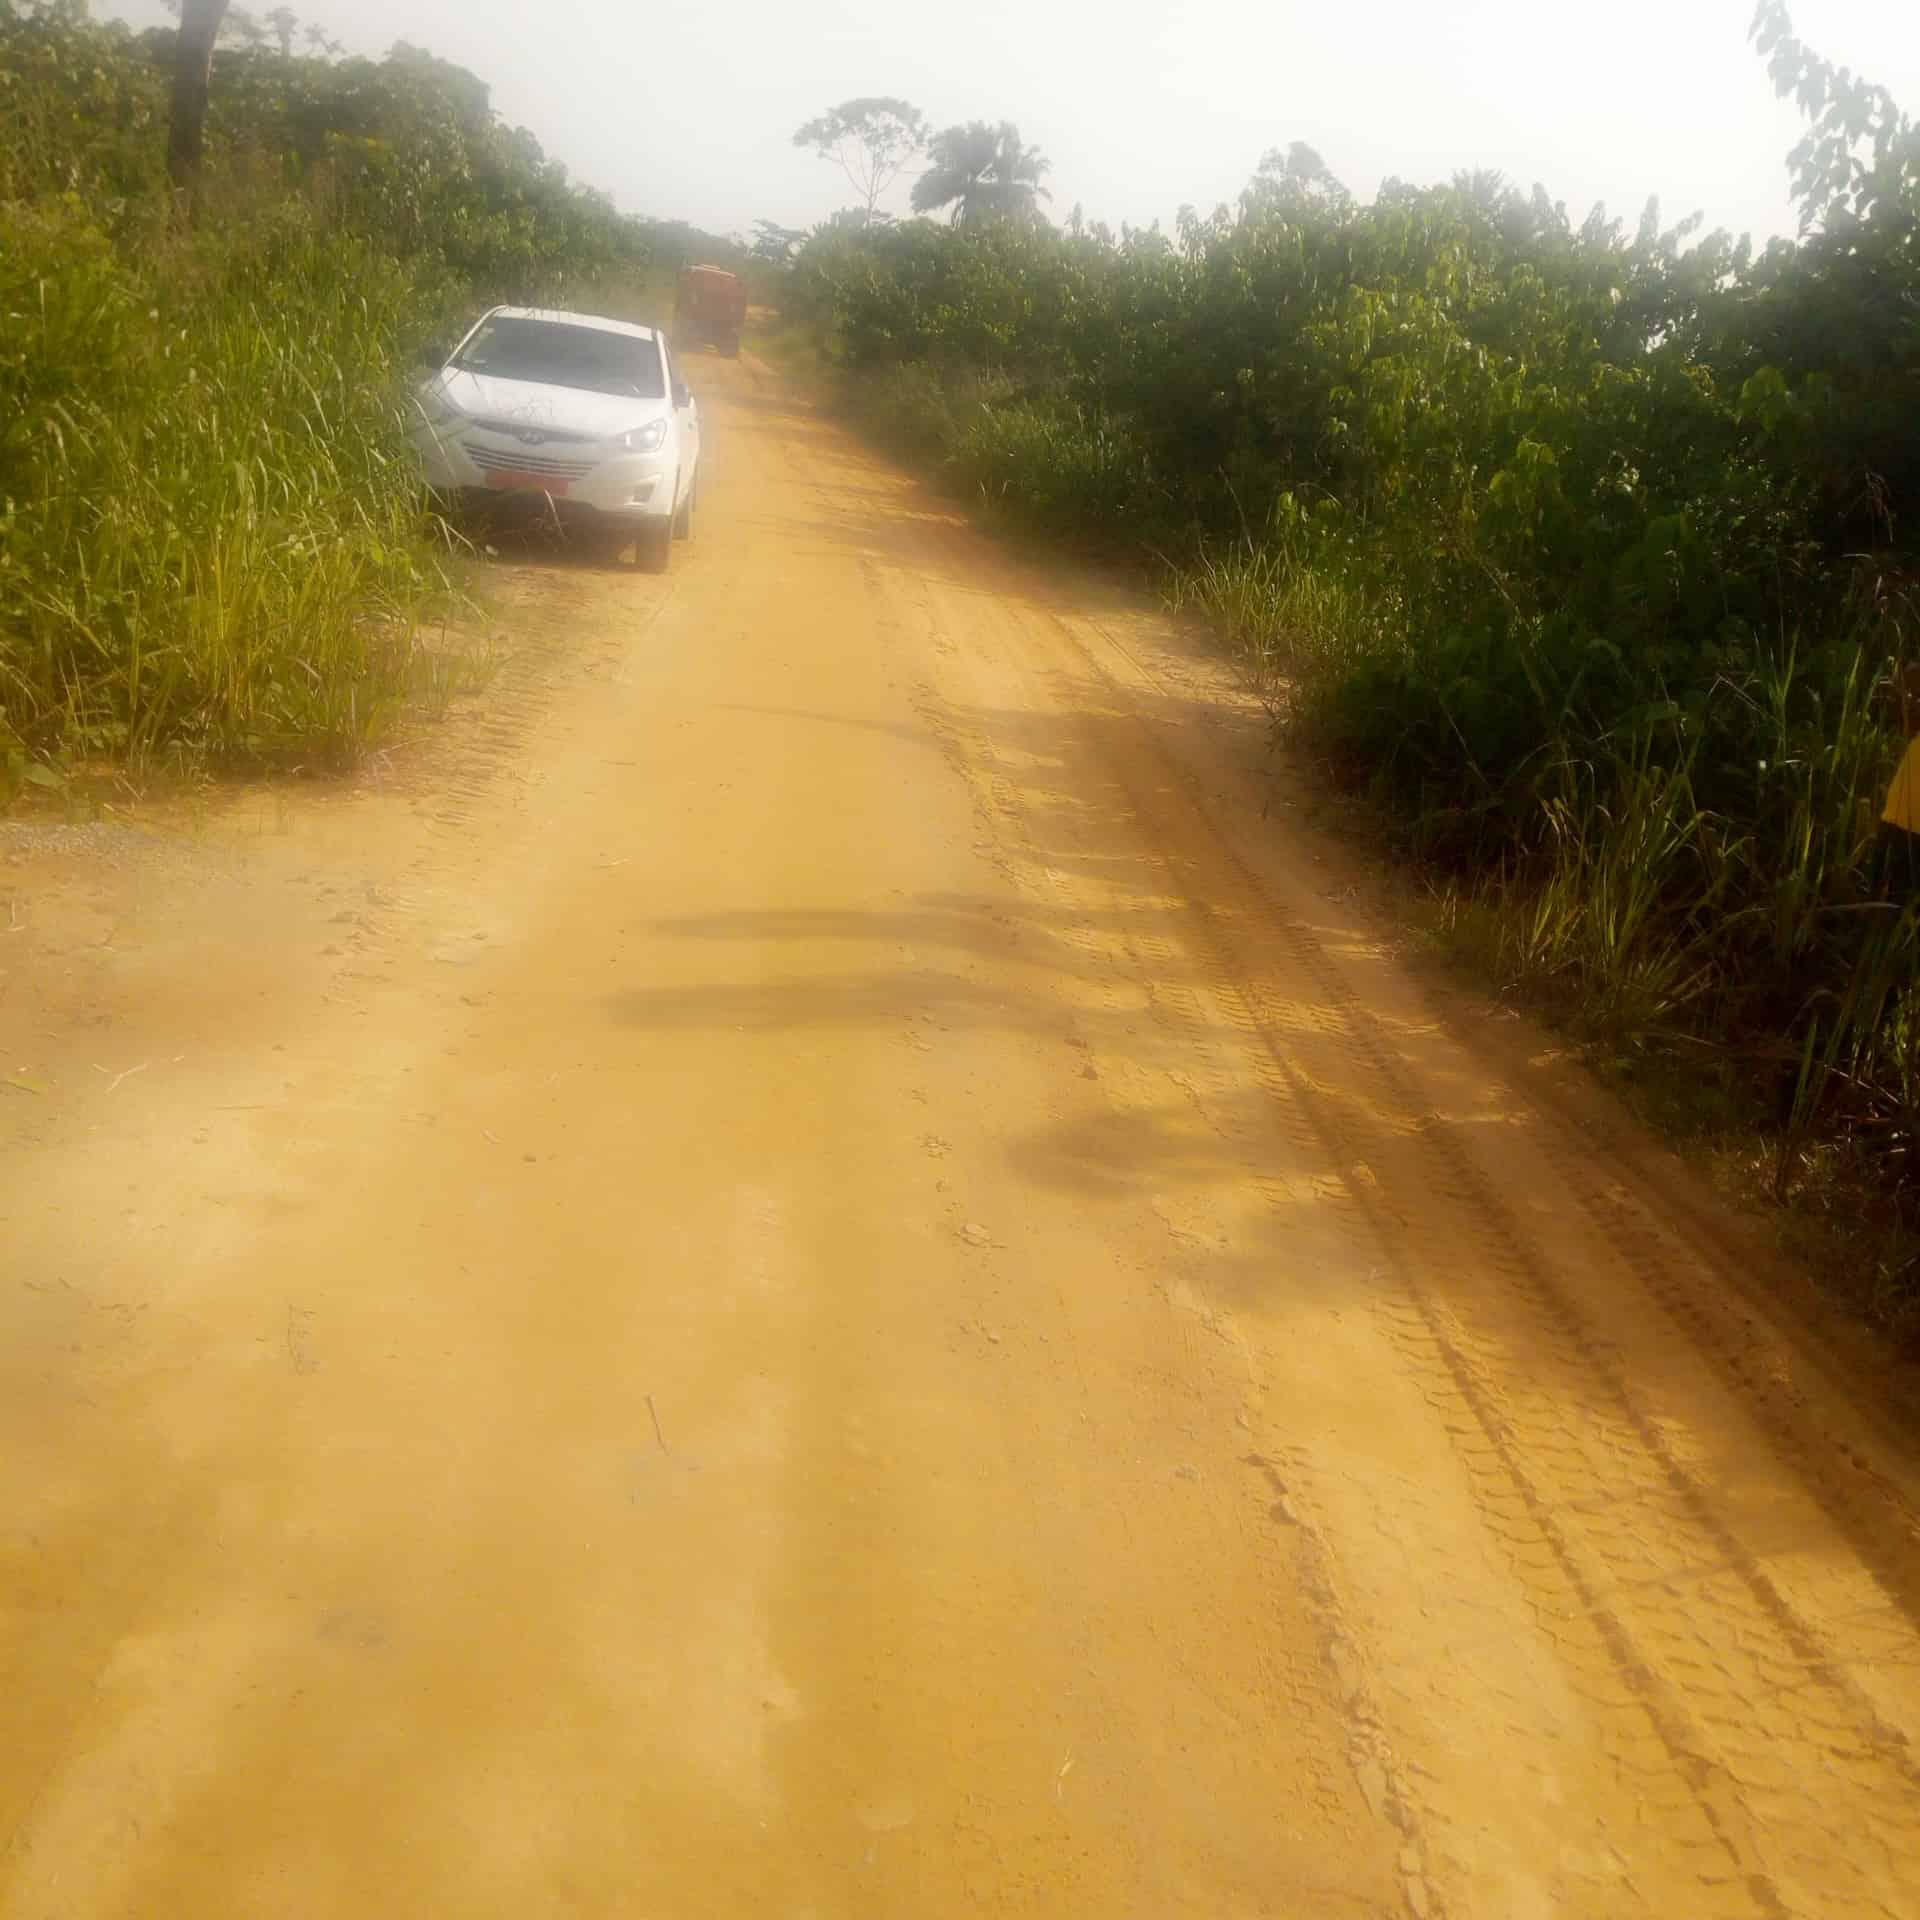 Terrain à vendre - Douala, PK 19, Pk19 - 500000 m2 - 3 000 000 FCFA